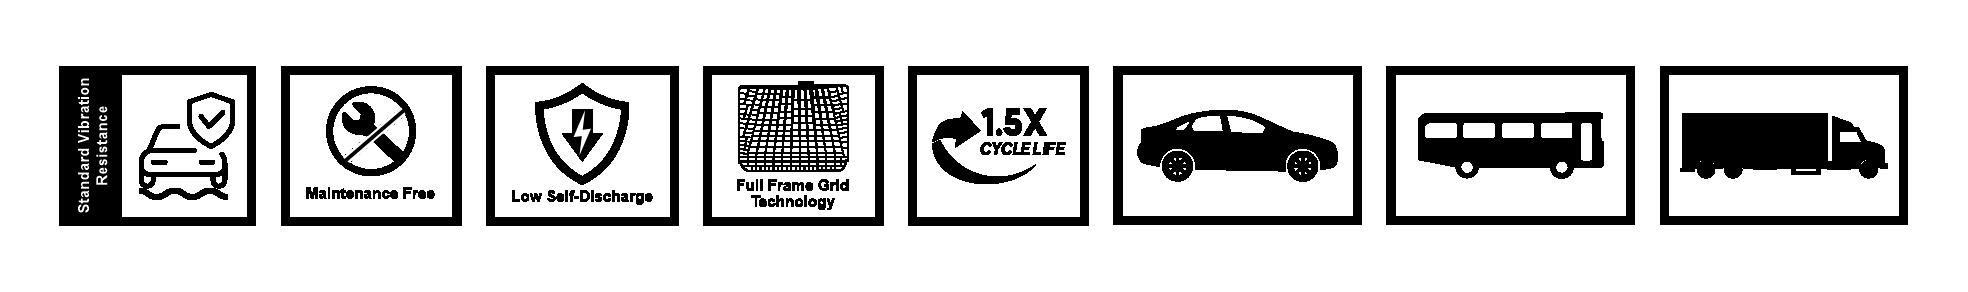 Suzuki EFB battery icon